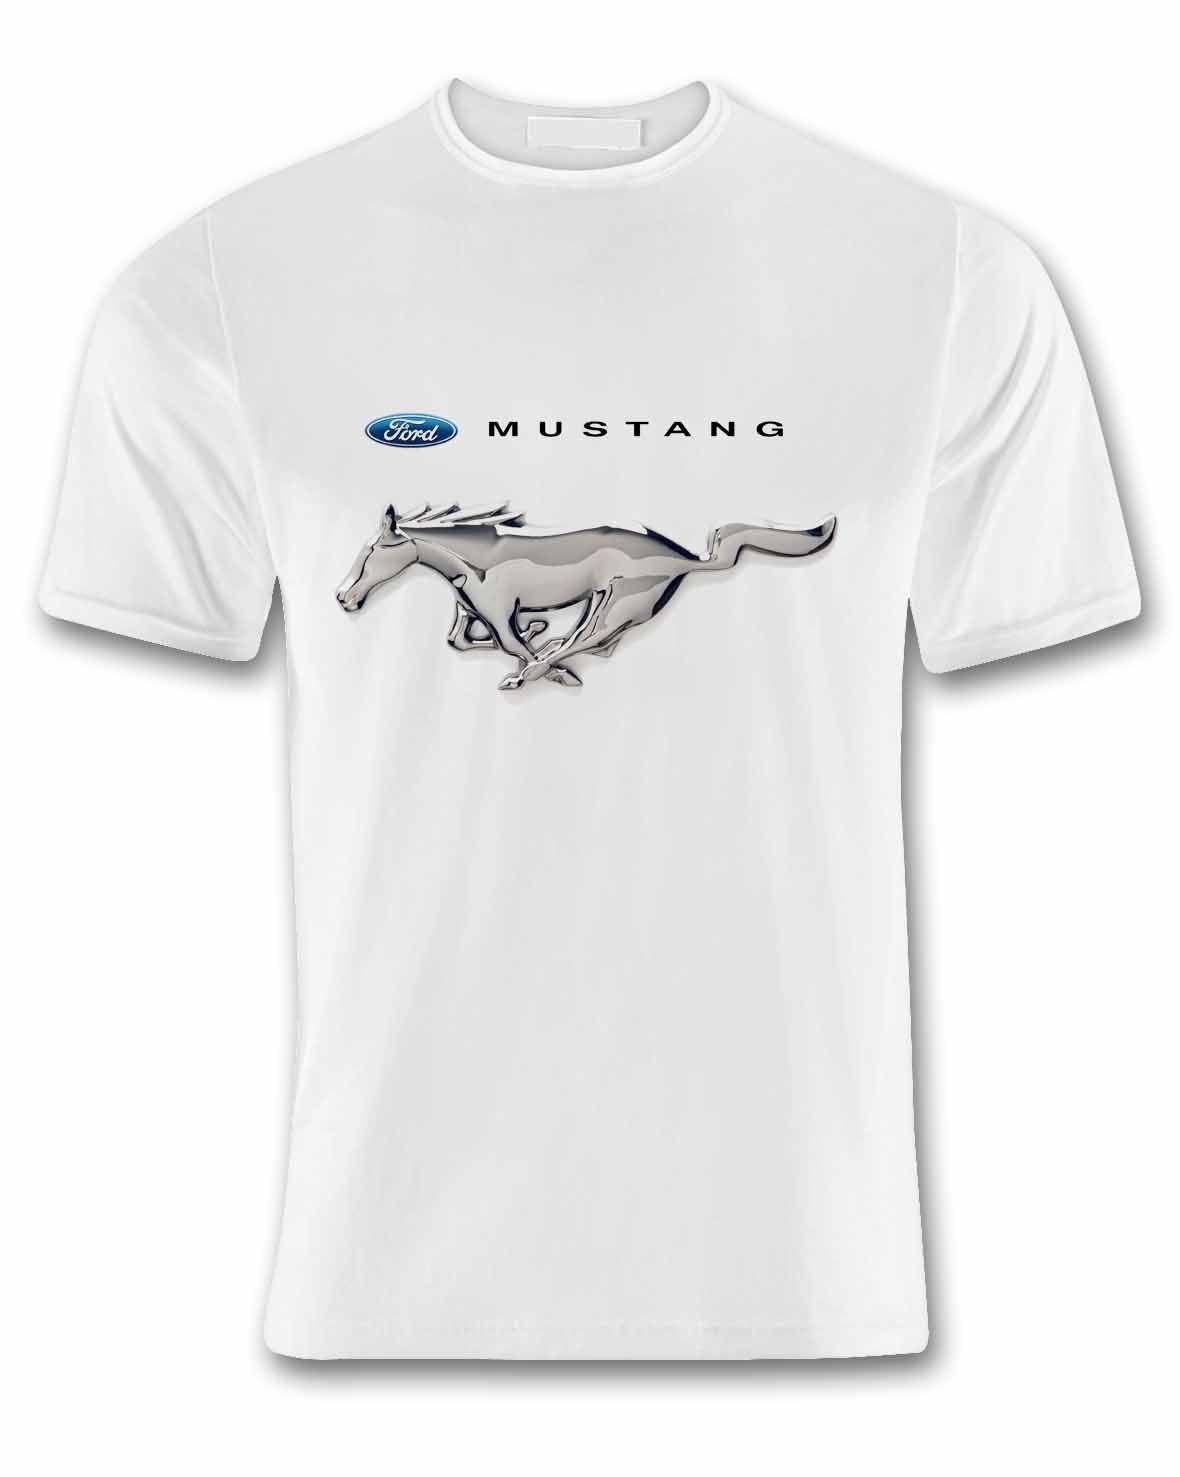 9bda98e3cf1 Compre Camiseta Ford Mustang T Branco De Men t shirt